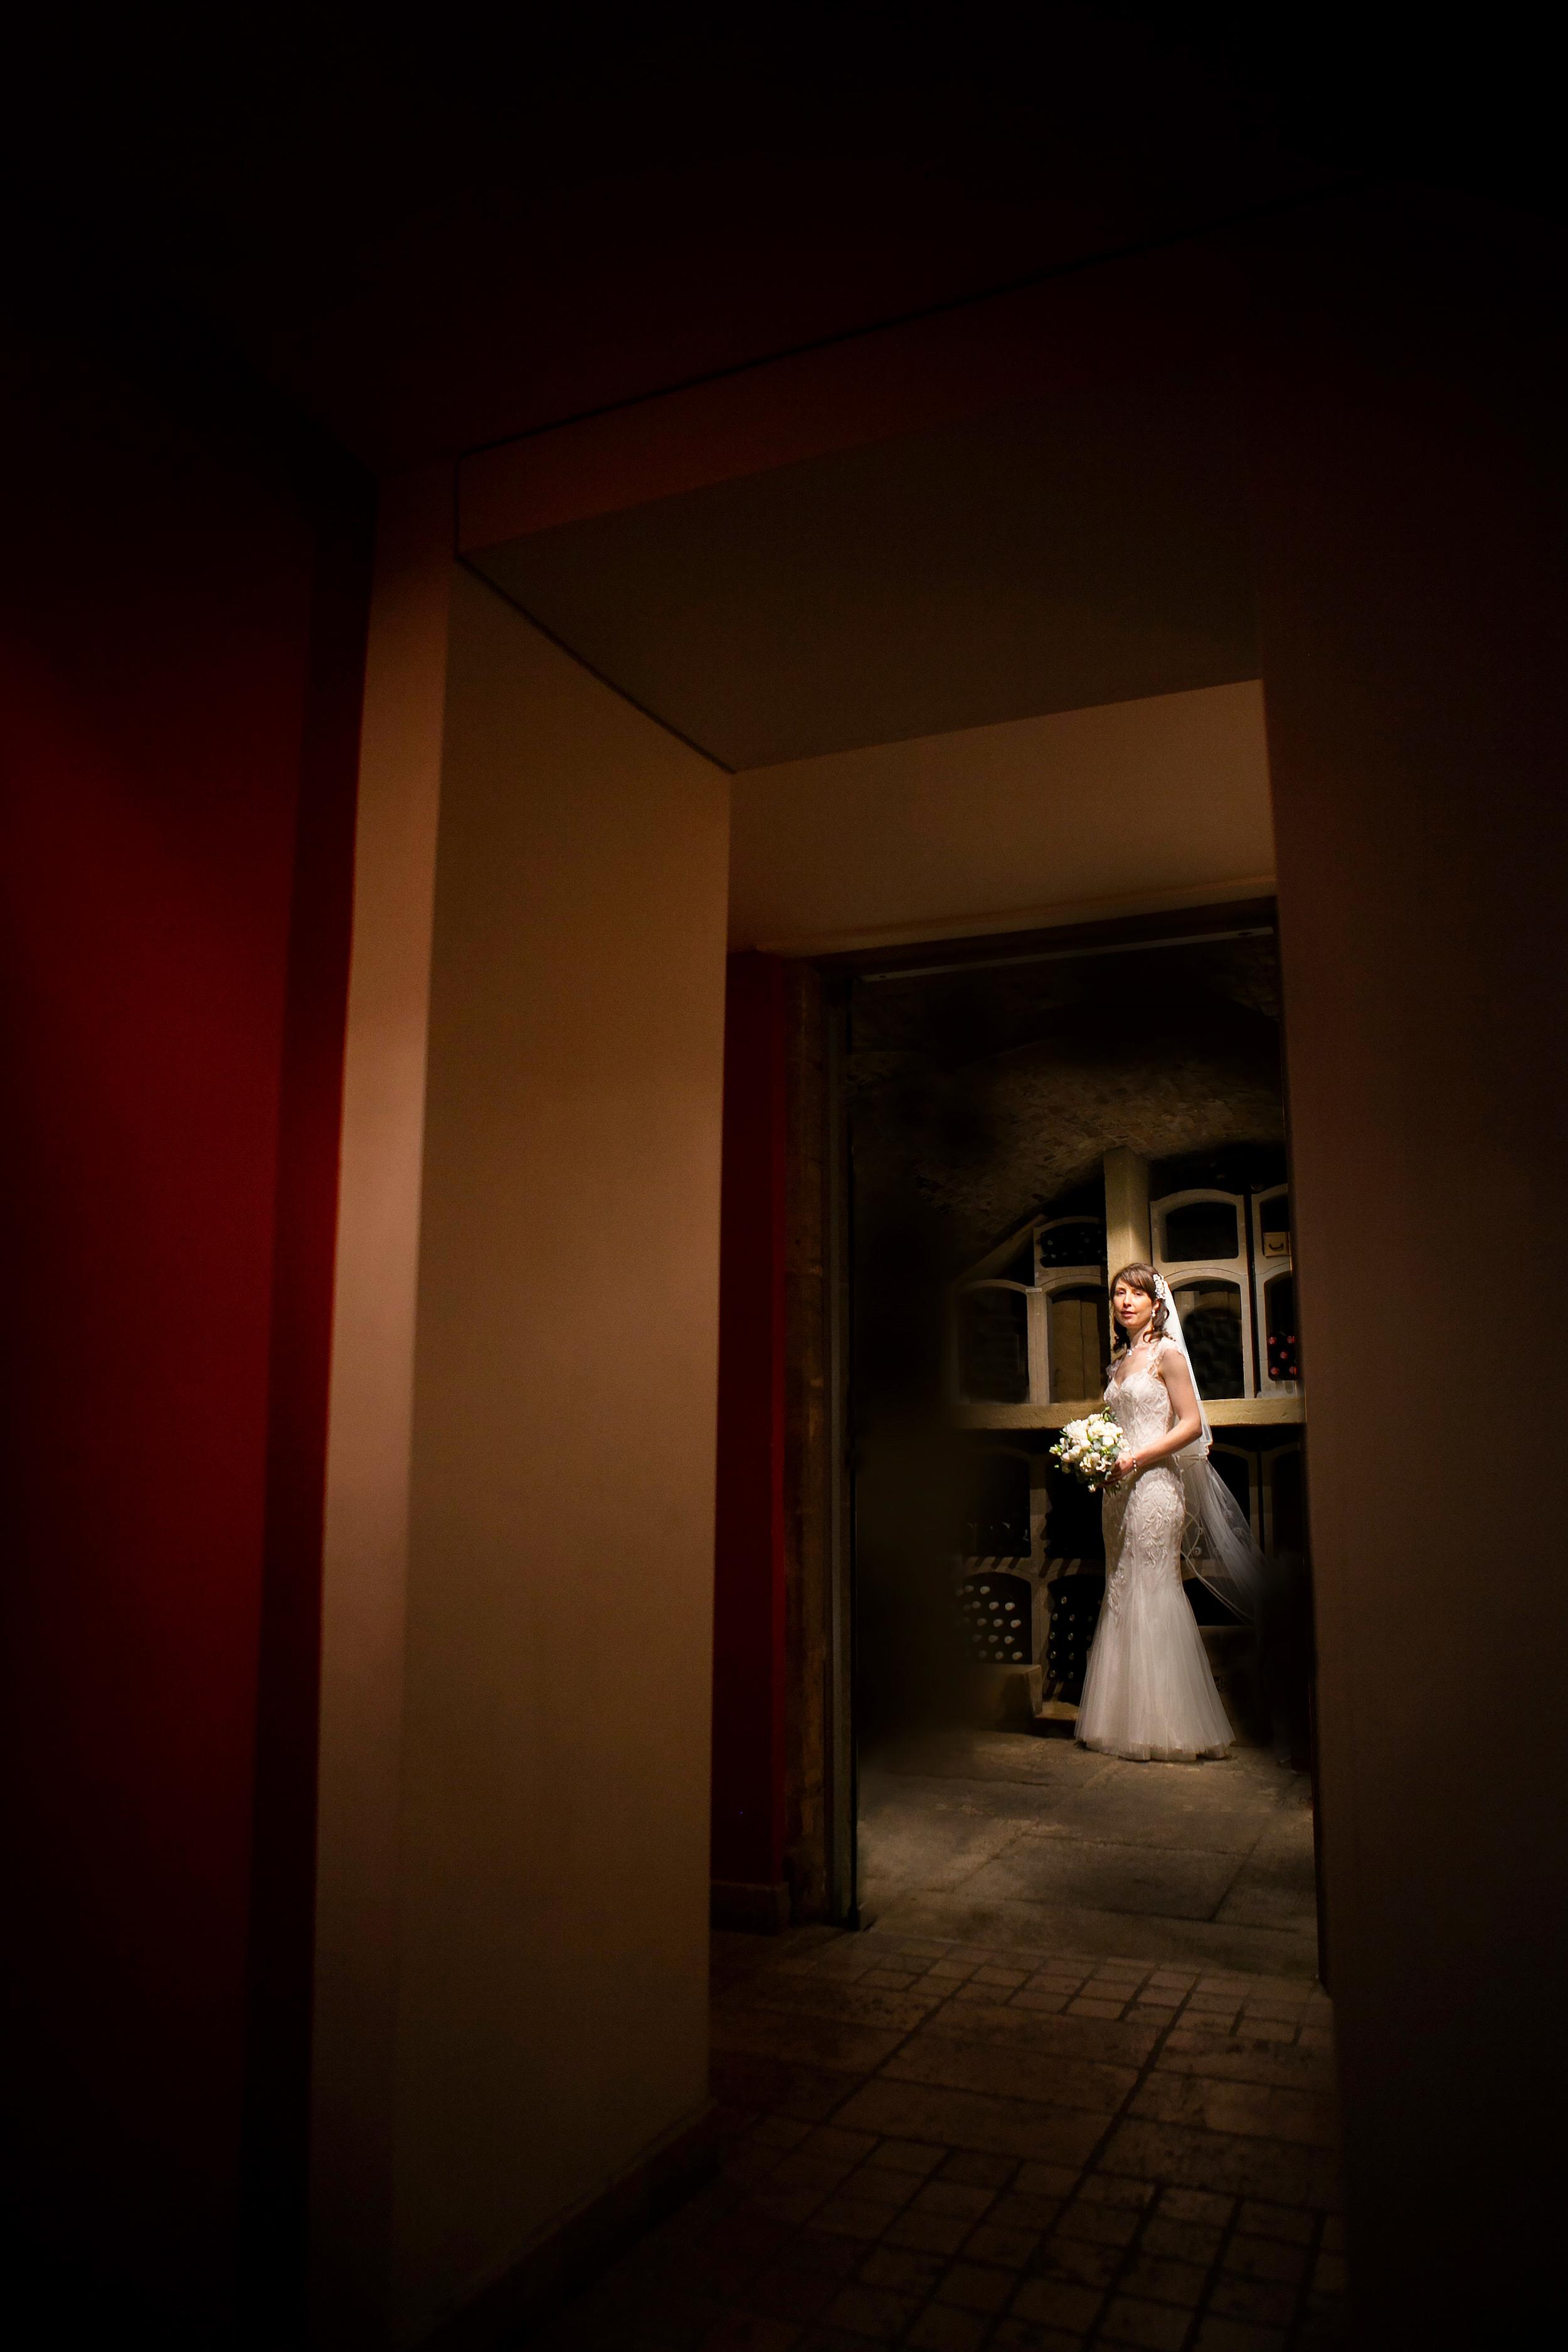 jesmond dene house wedding photography.jpg